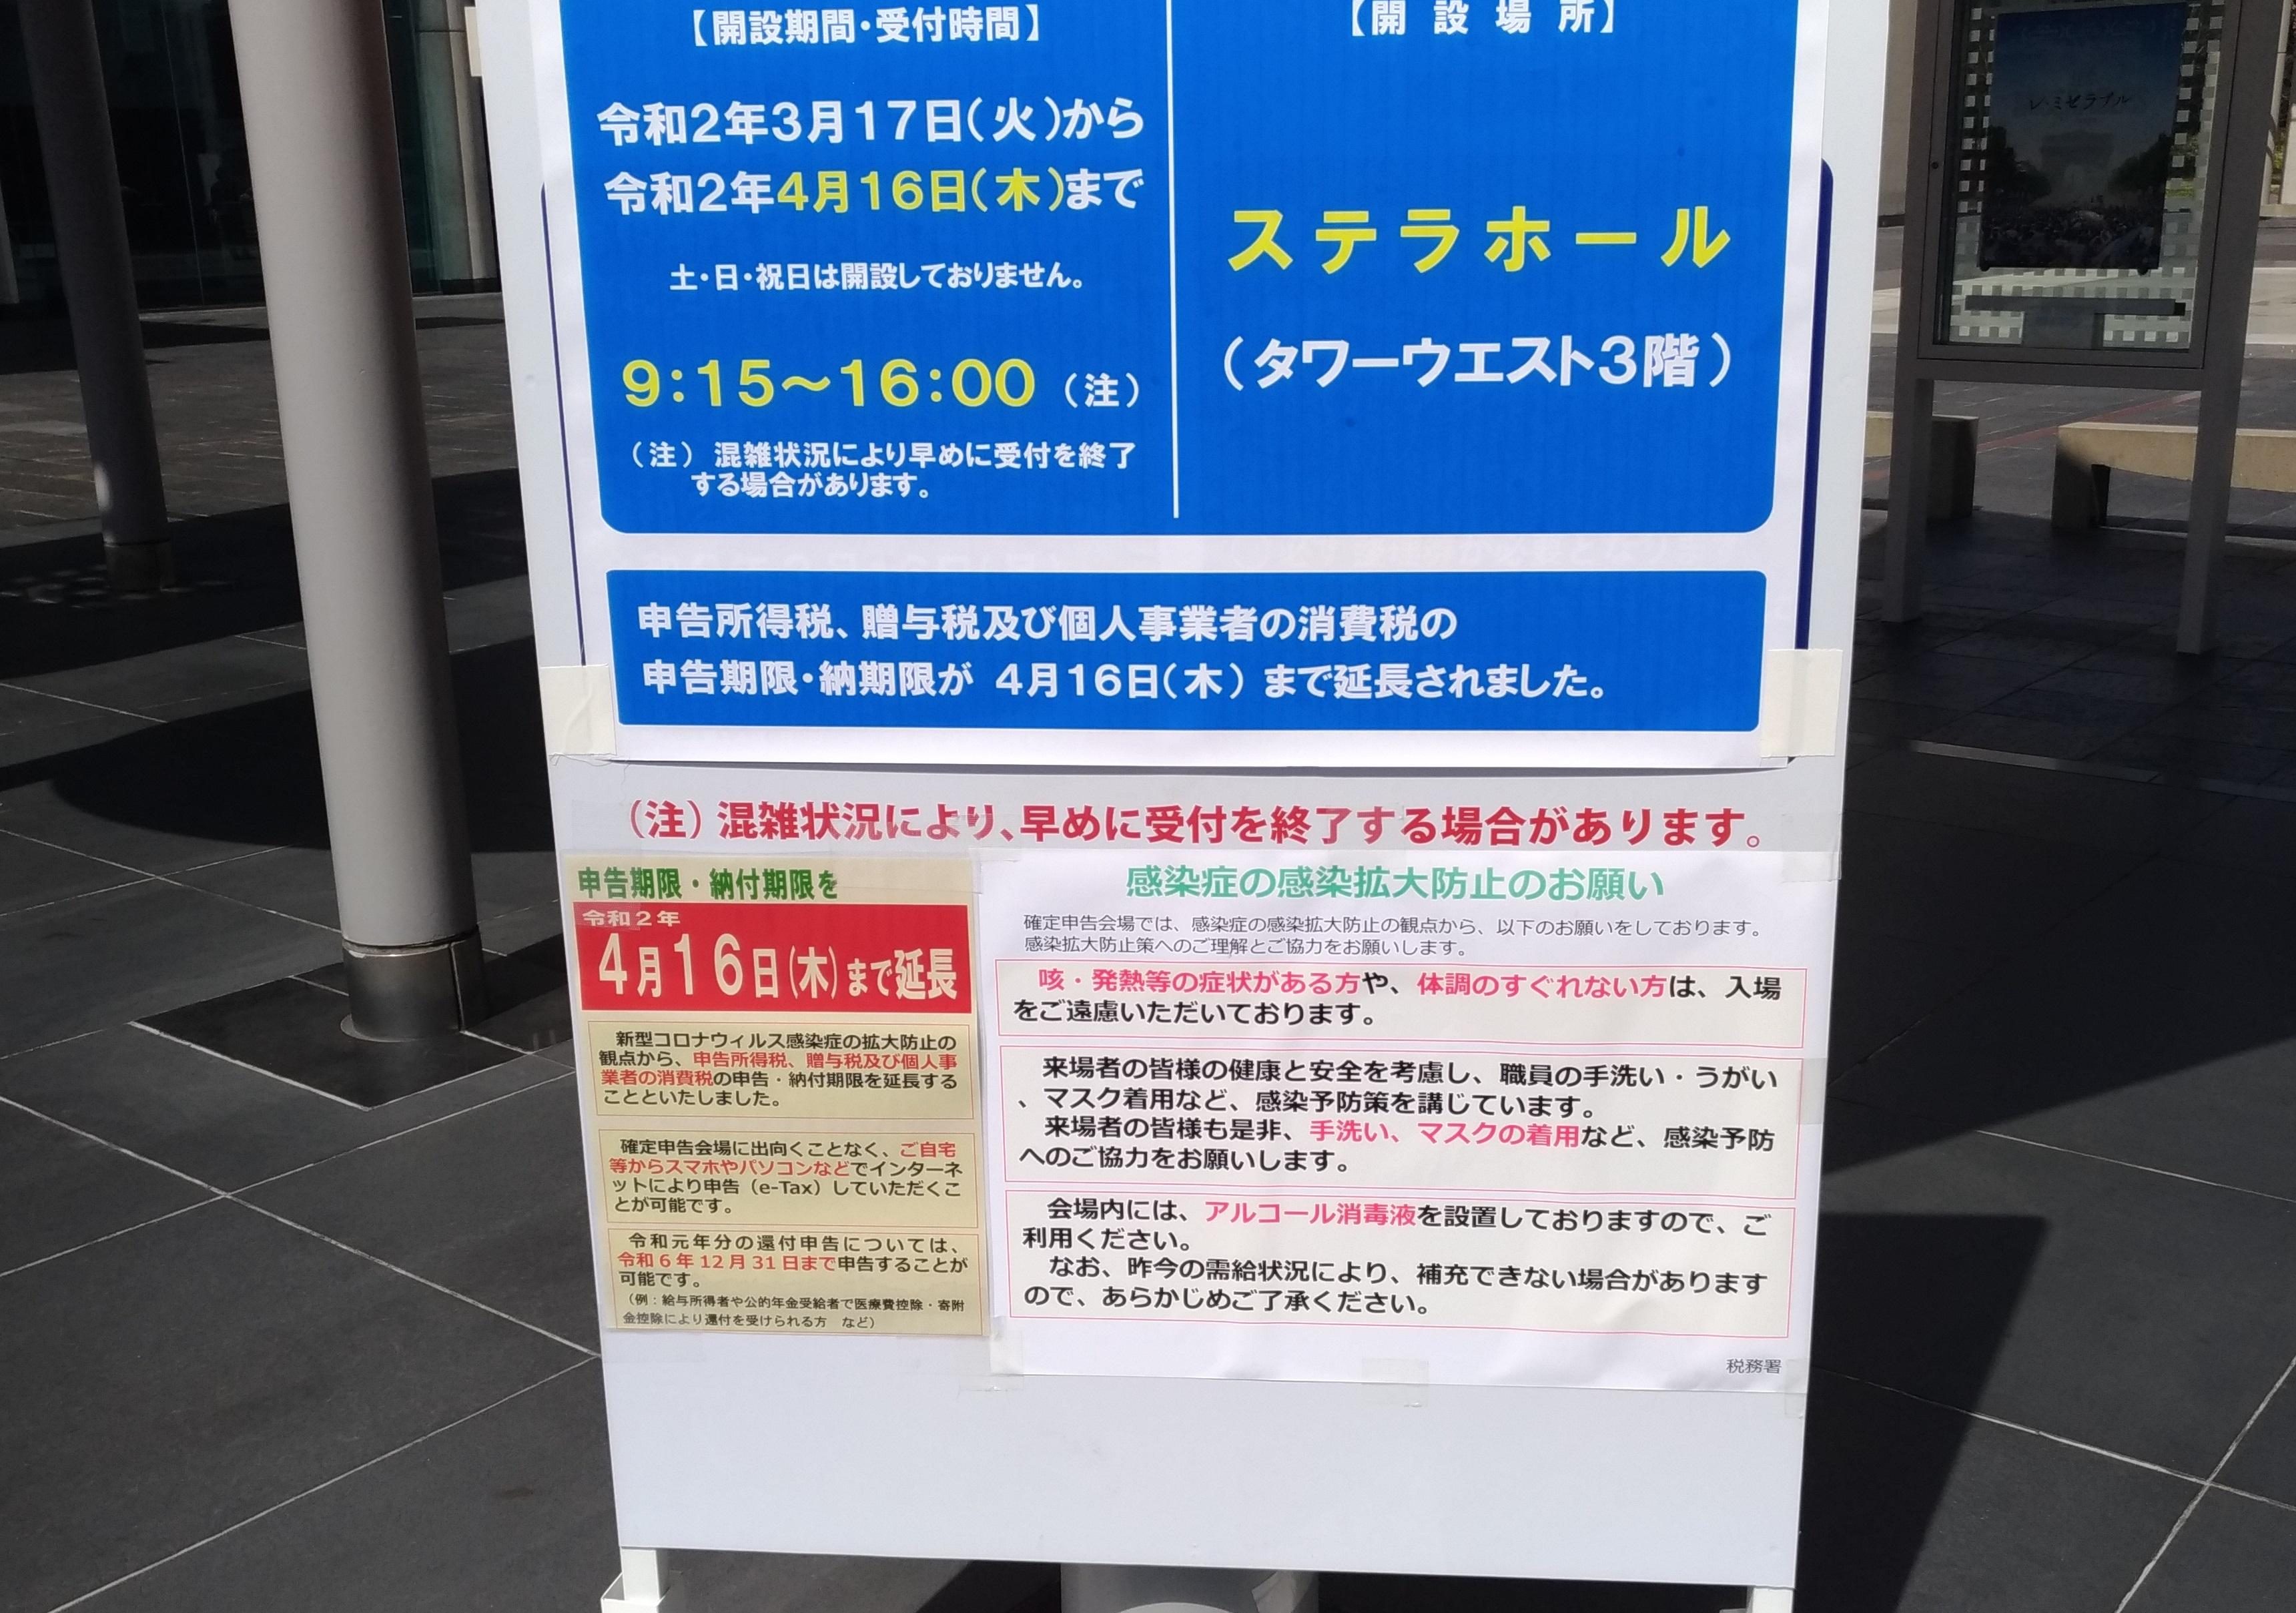 osaka_kakutei_shinkoku_umeda_0322_.jpg